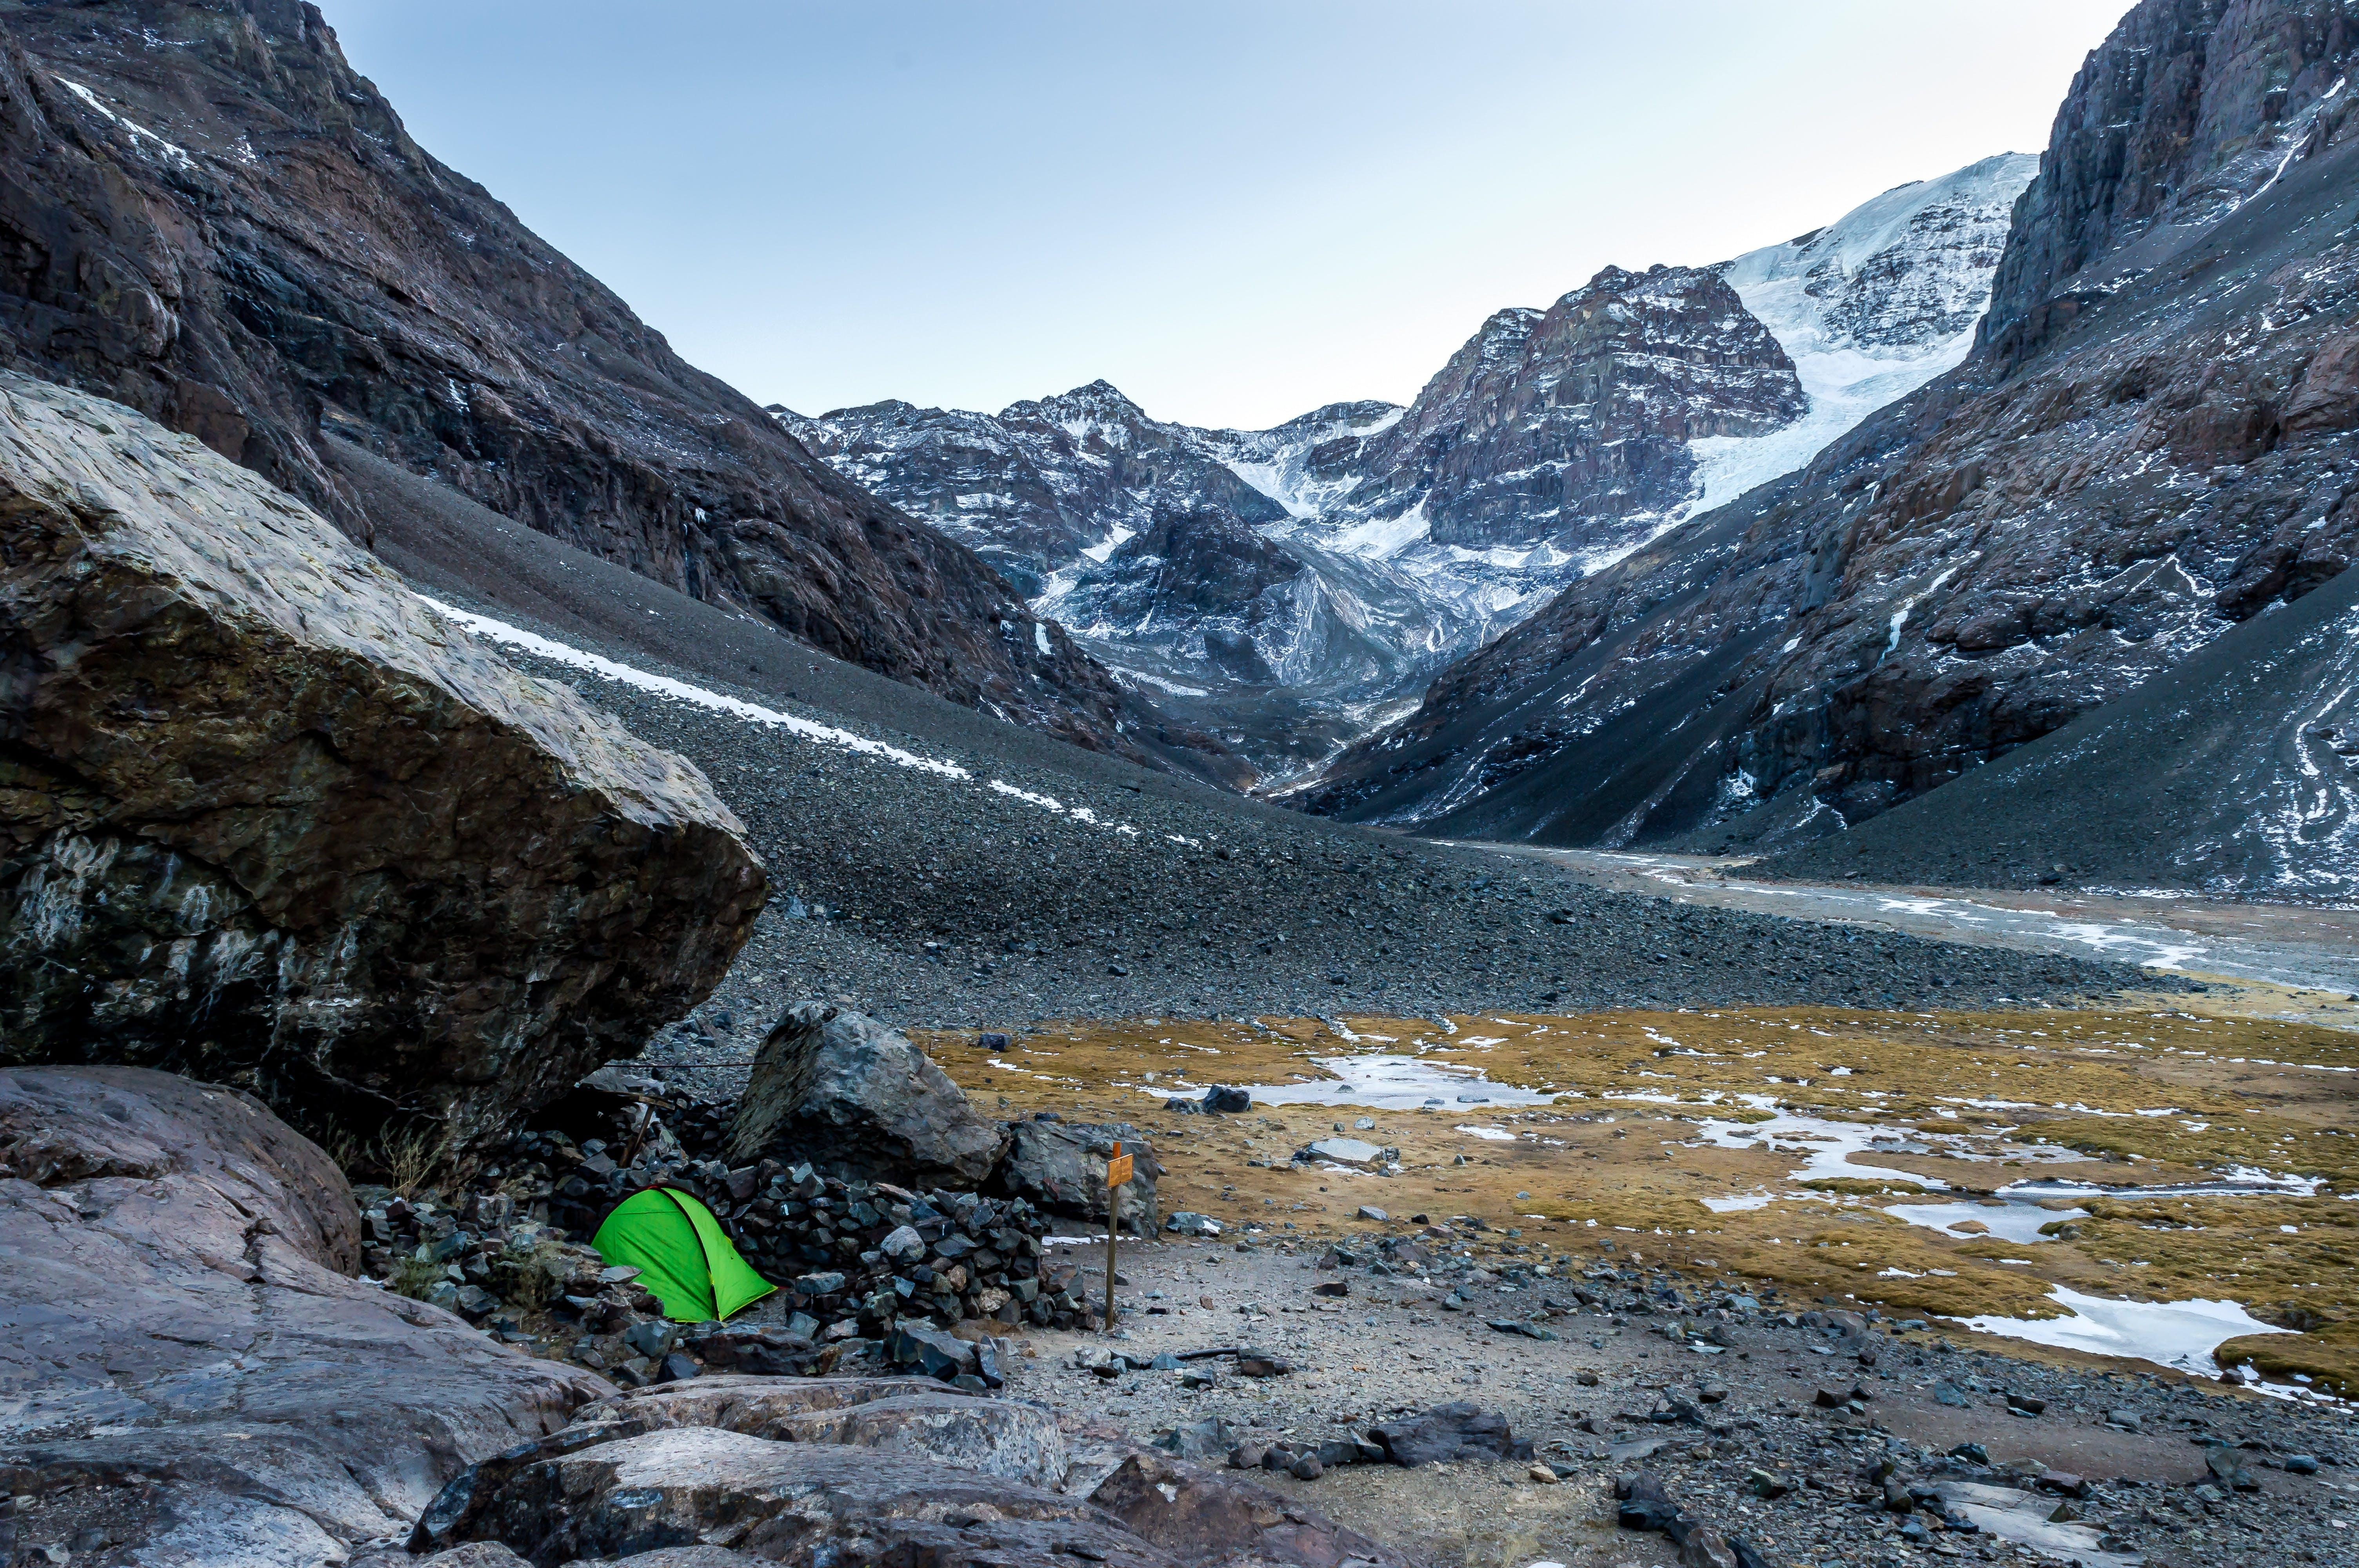 キャンピング, コールド, テント, 冒険の無料の写真素材